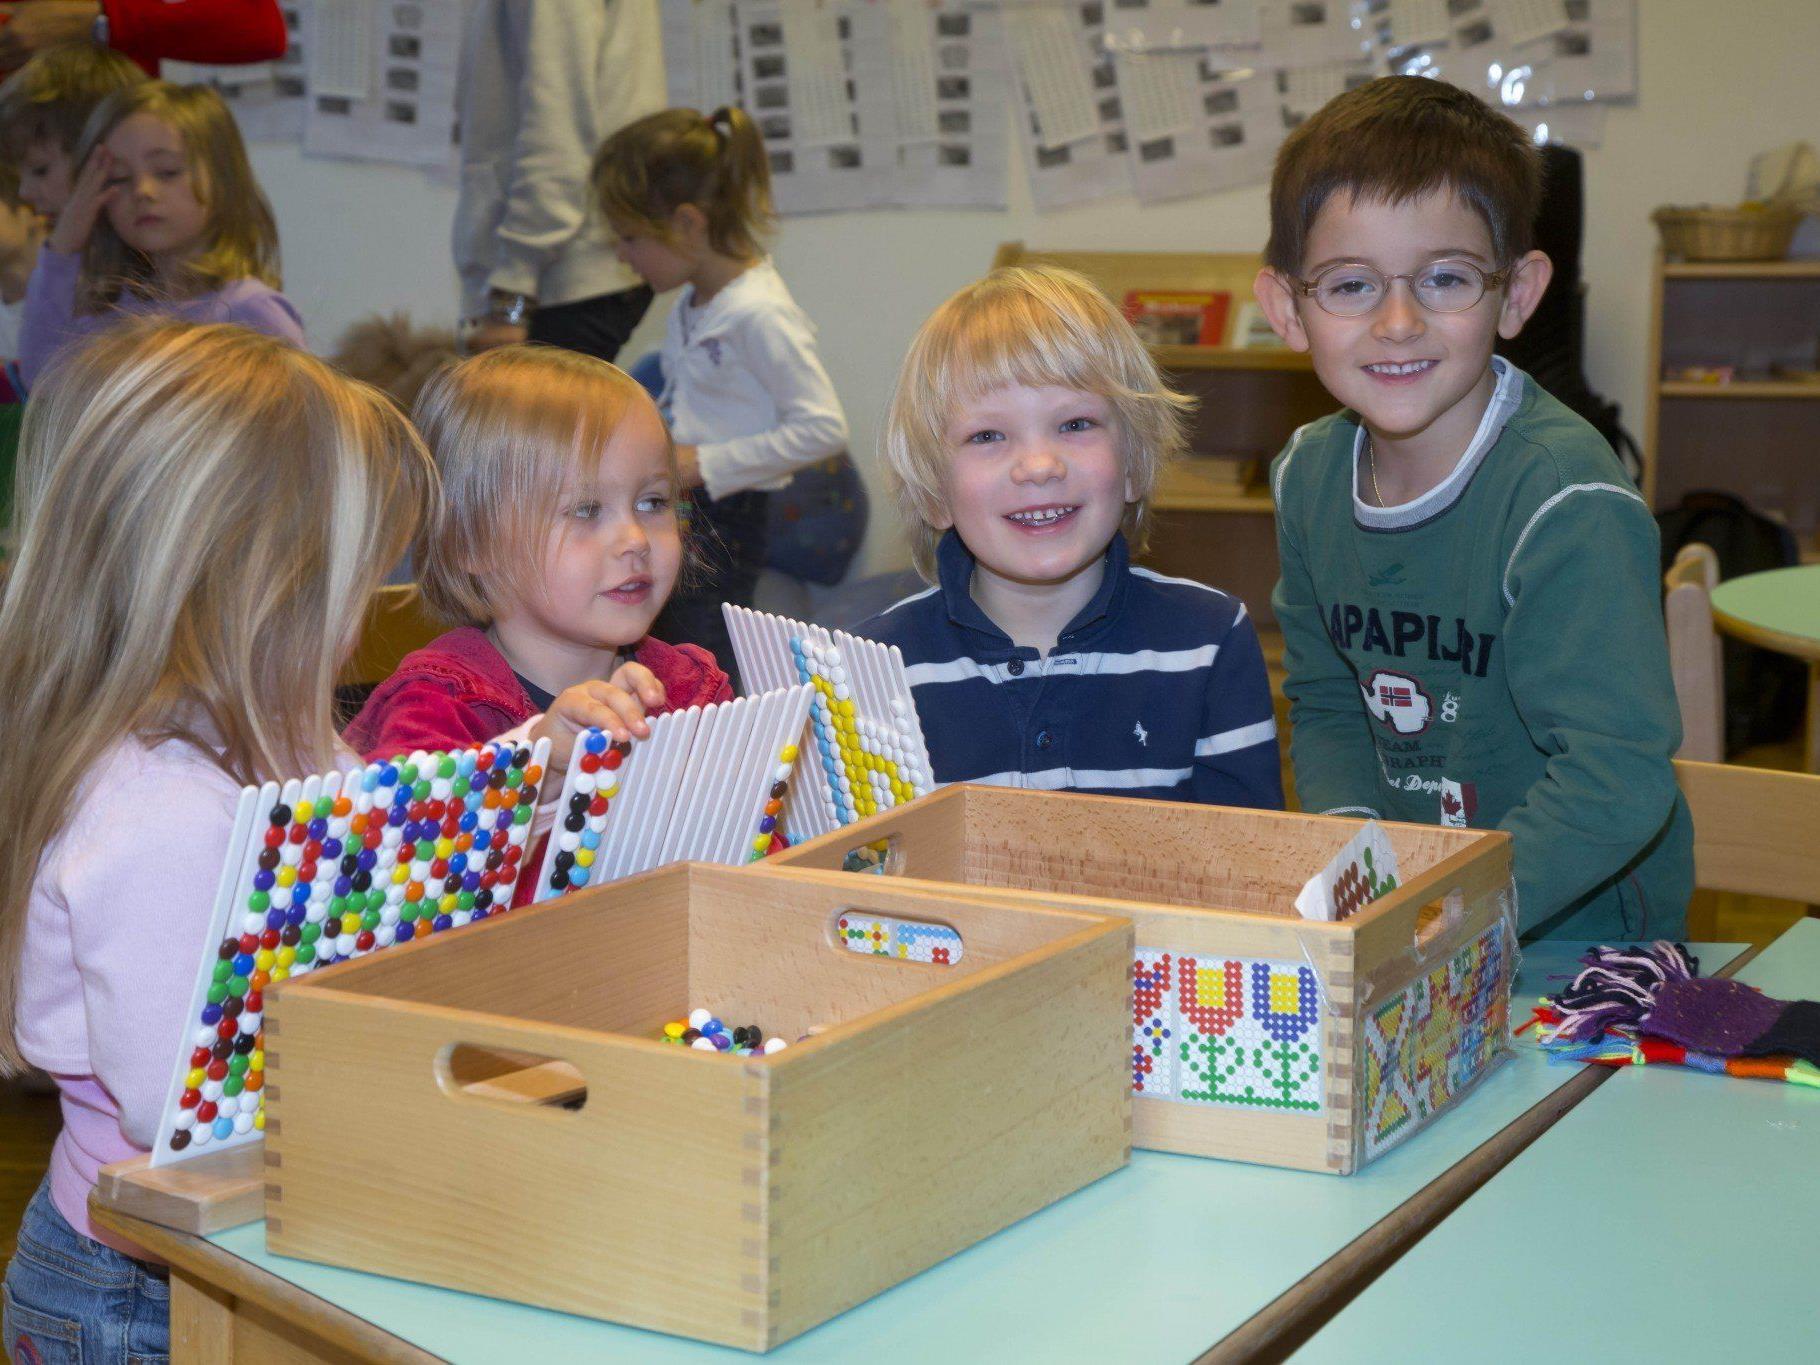 Die Landesregierung Voralberg hat die Personalkostenförderung für Kindergärten verbessert.